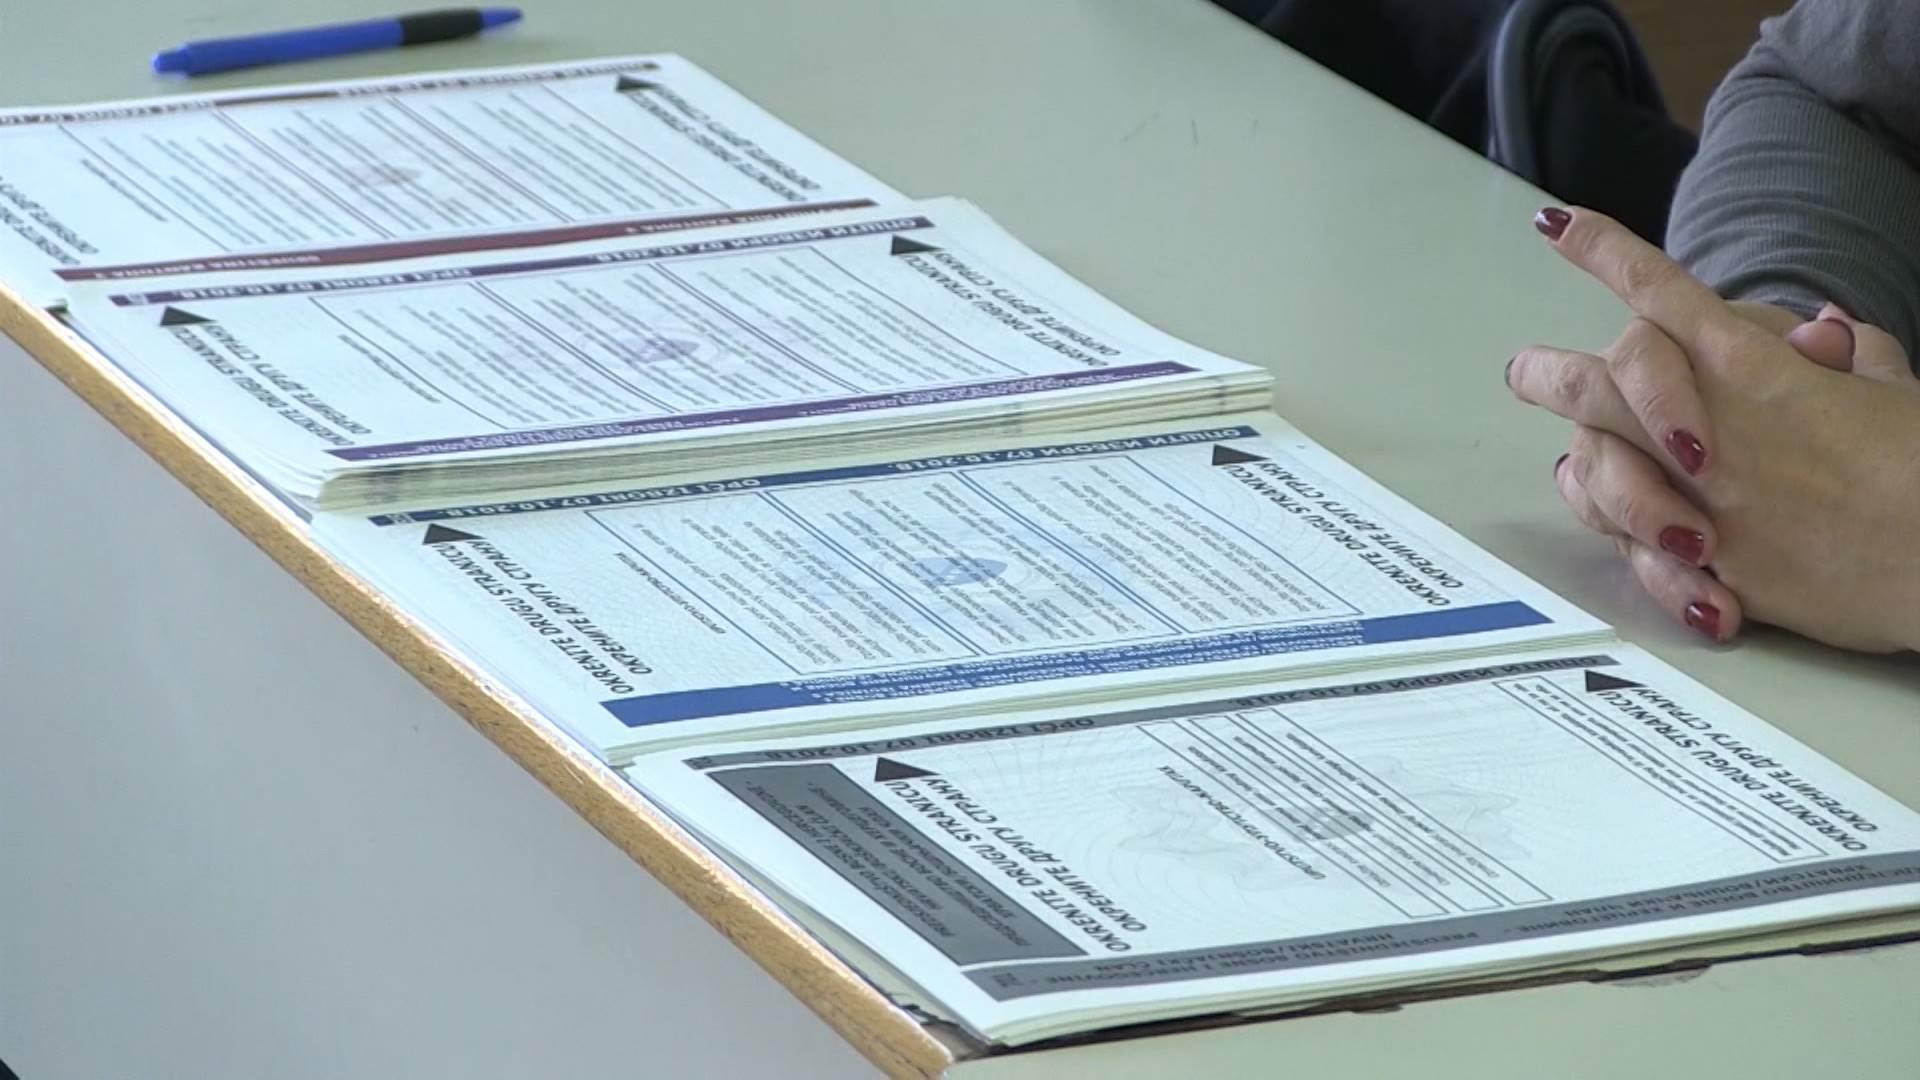 Godinu dana istrage izbornih nepravilnosti u Zvorniku i Brčkom bez tužilačke odluke